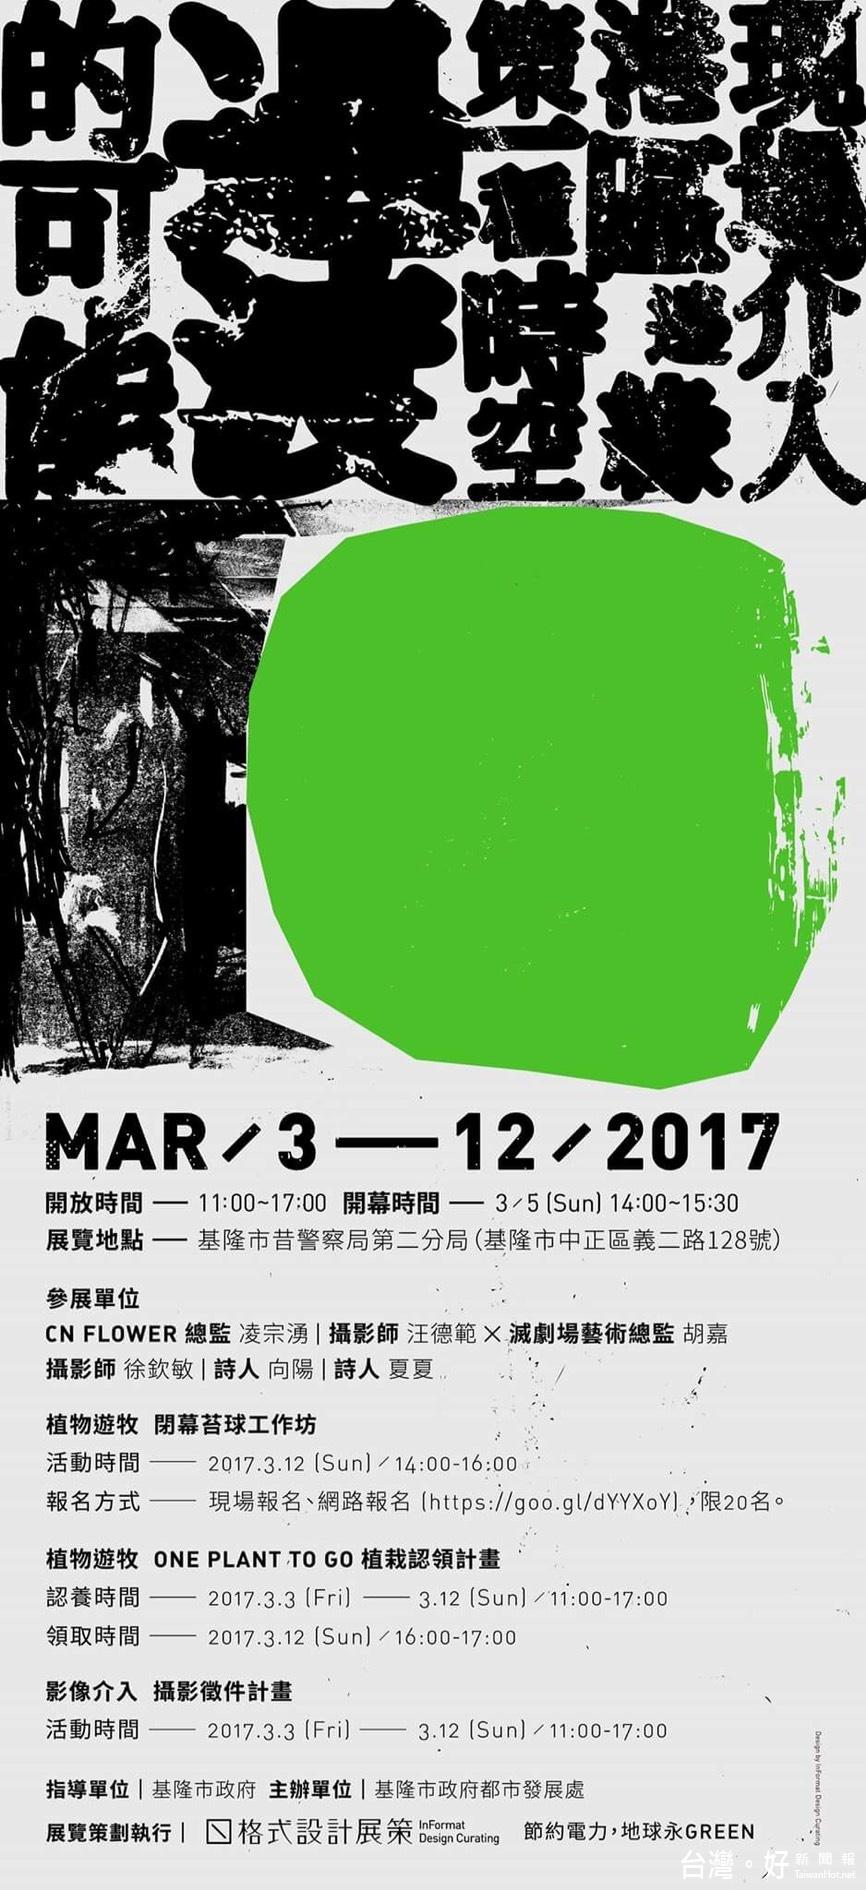 藝術家演繹城市再生哲學 3/3基隆舊第二分局特展登場